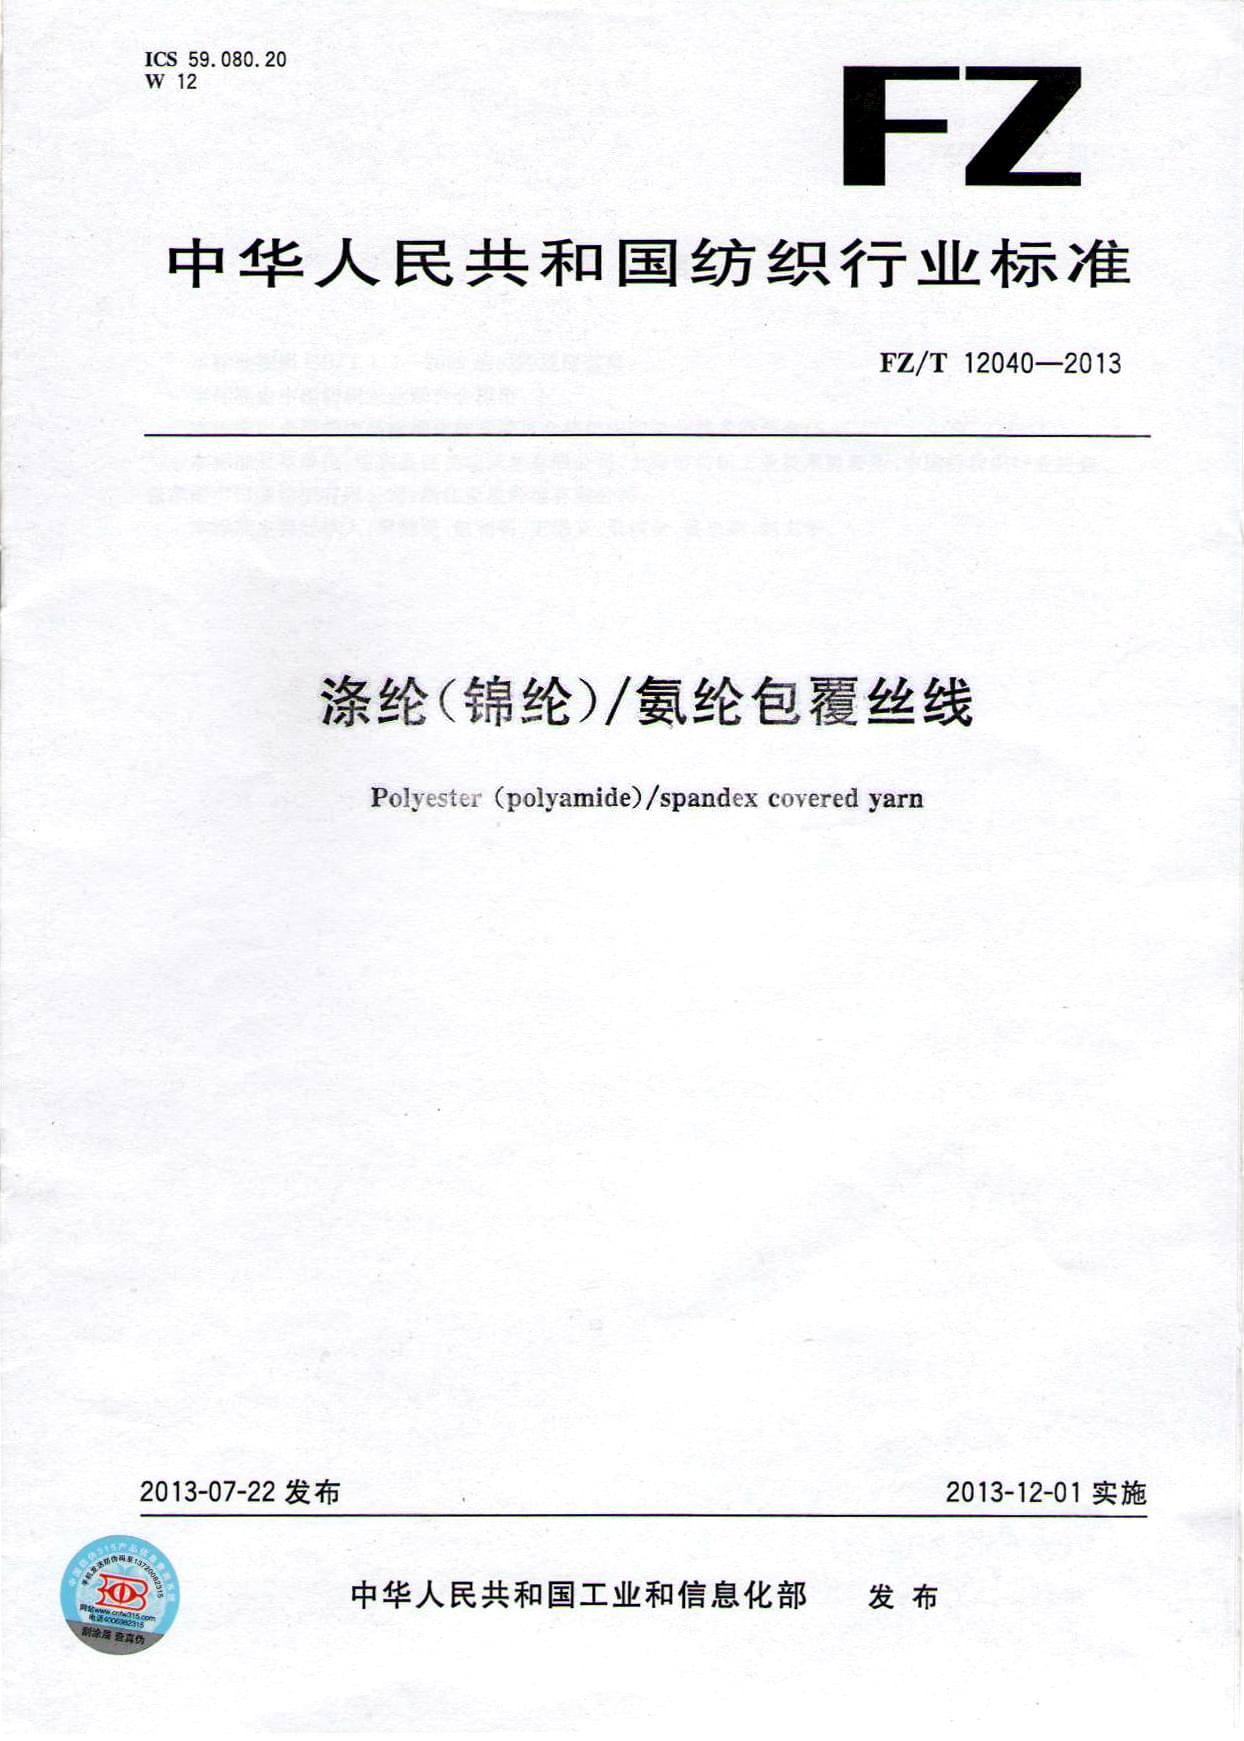 行业标准-涤纶(锦纶)氨纶包覆丝线